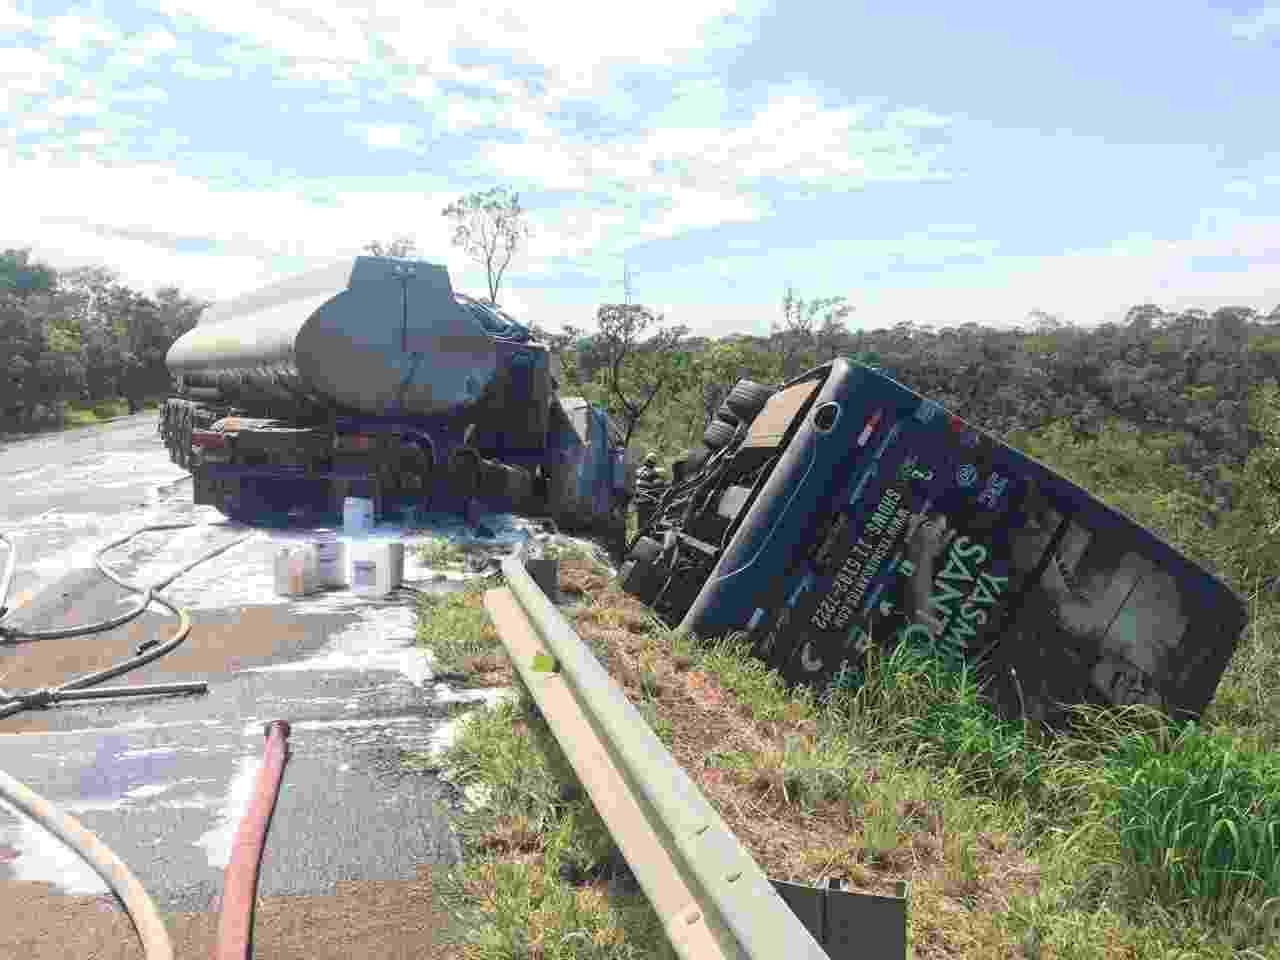 Ônibus da cantora Yasmin Santos cai na lateral da pista após colidir com caminhão-tanque na BR-040 próximo ao município de Cristalina (GO) - Divulgação/PRF